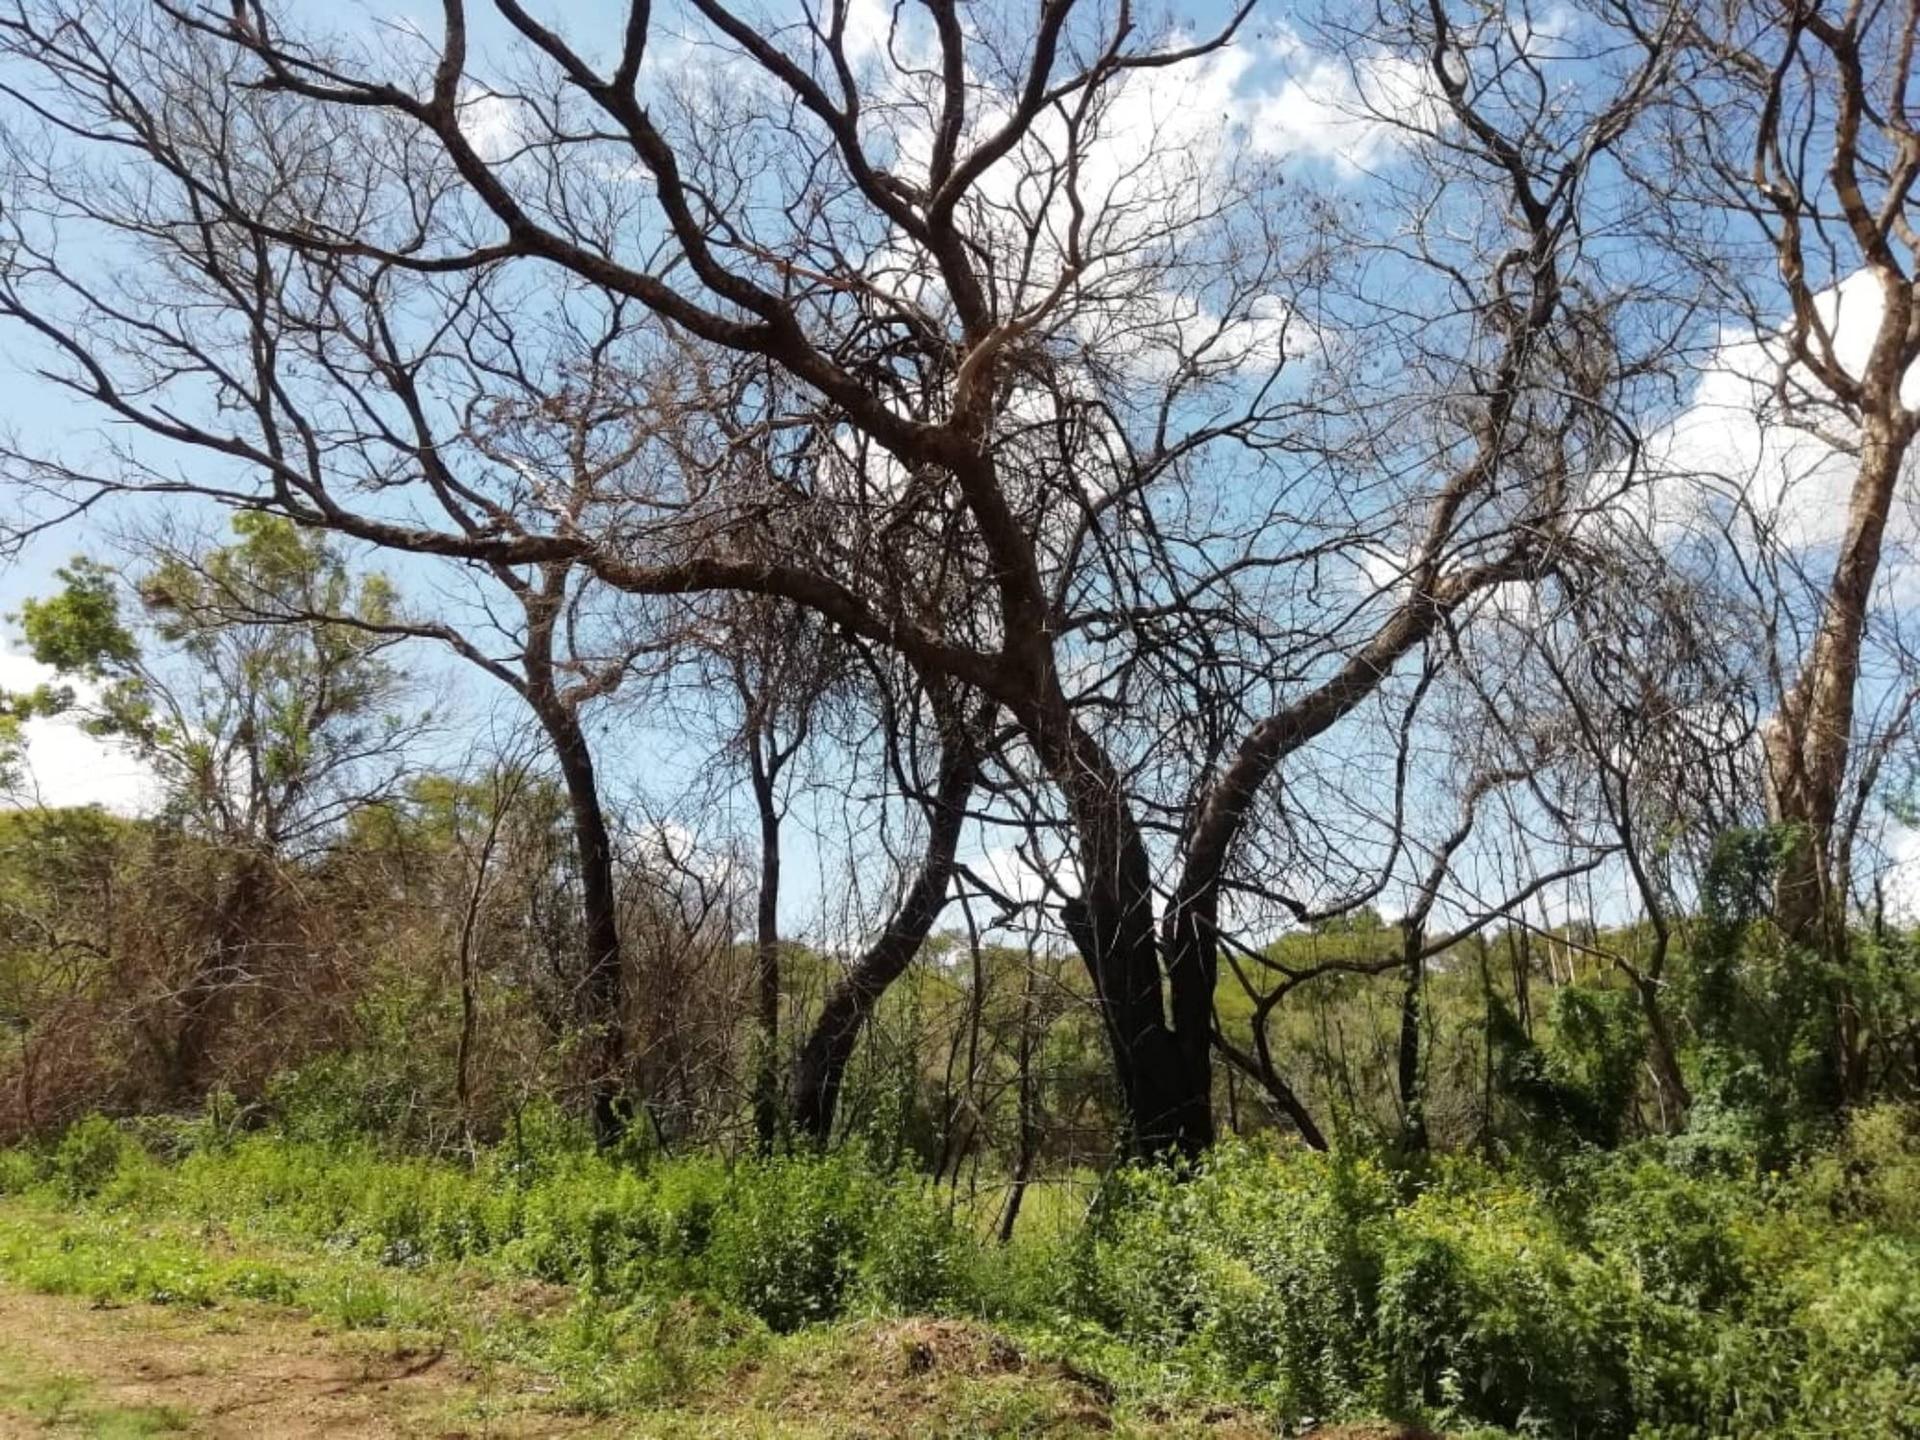 """La imagen fue tomada por Román Murzyla en los últimos días. """"Si bien por las lluvias se fueron recuperando los pastizales bajos, los incendios quemaron árboles de varios años"""", explica Román."""